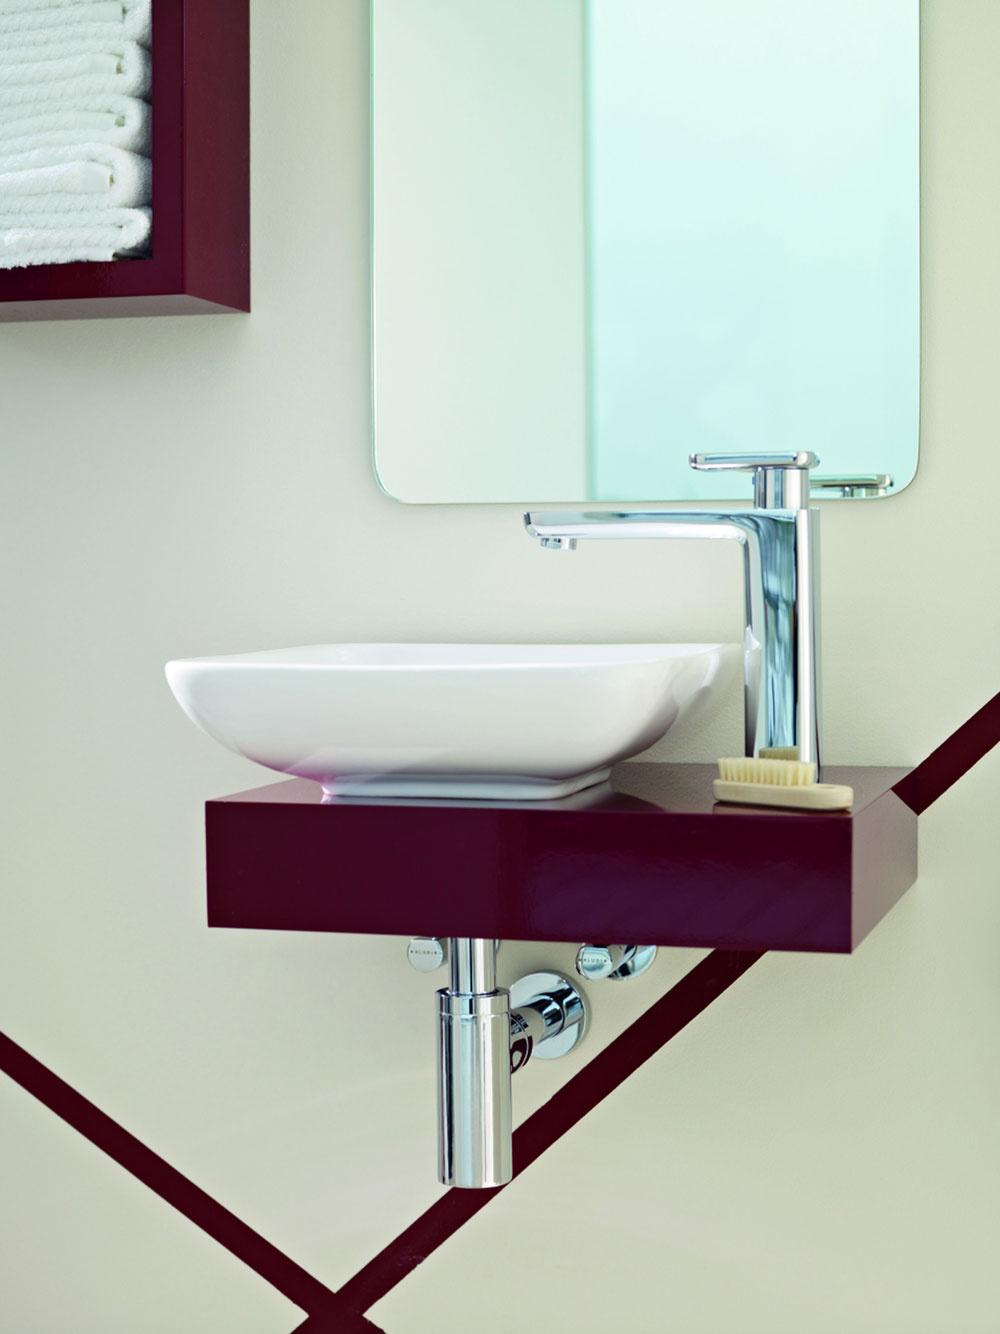 Novinkou vportfóliu Esprit home bath concept je umývadlo na dosku zvysokokvalitného porcelánu vsoft edge dizajne, dokonale zladené svysokou jednopákovou umývadlovou batériou Kludi spovrchom zo žiarivého chrómu. Cena batérie od 208 €. Predáva Kludi.